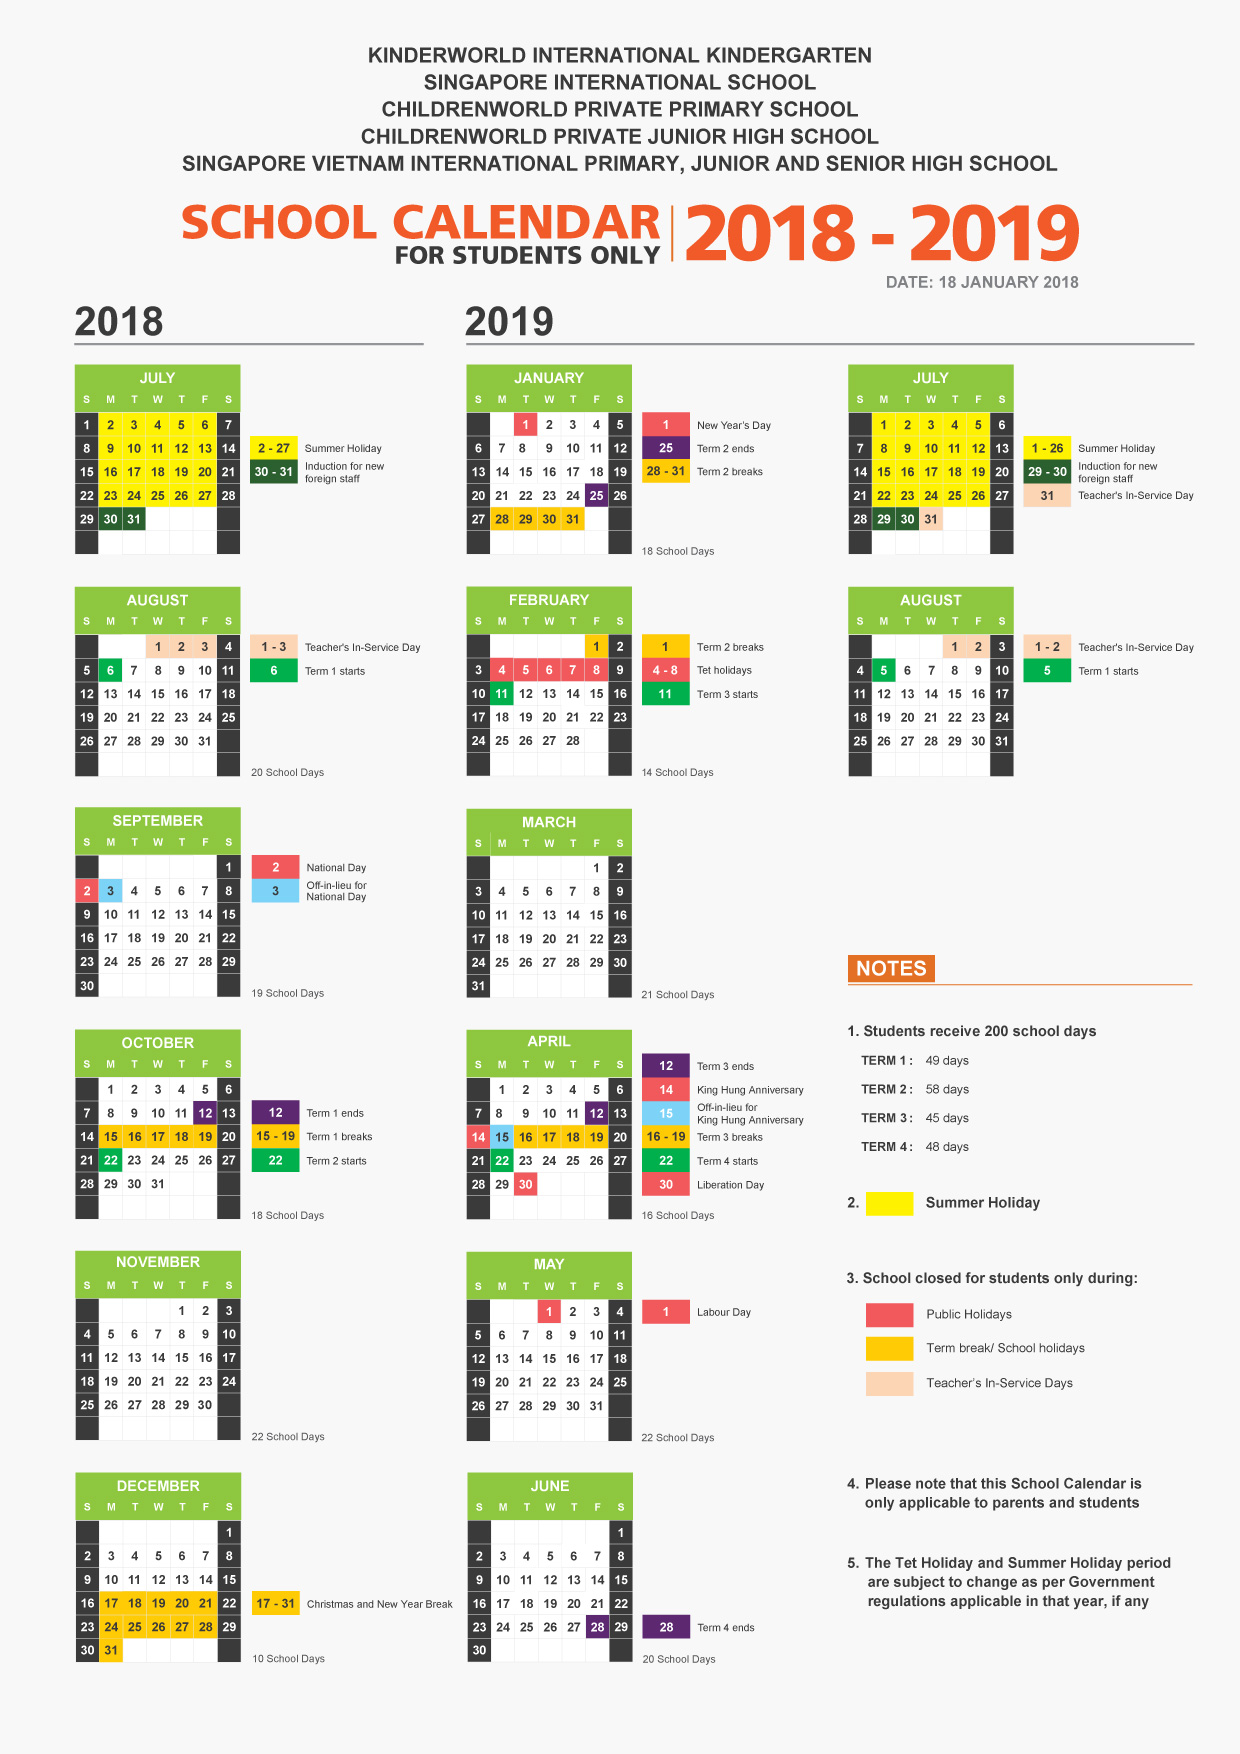 School-Calendar-2017-2018-KIK-SIS